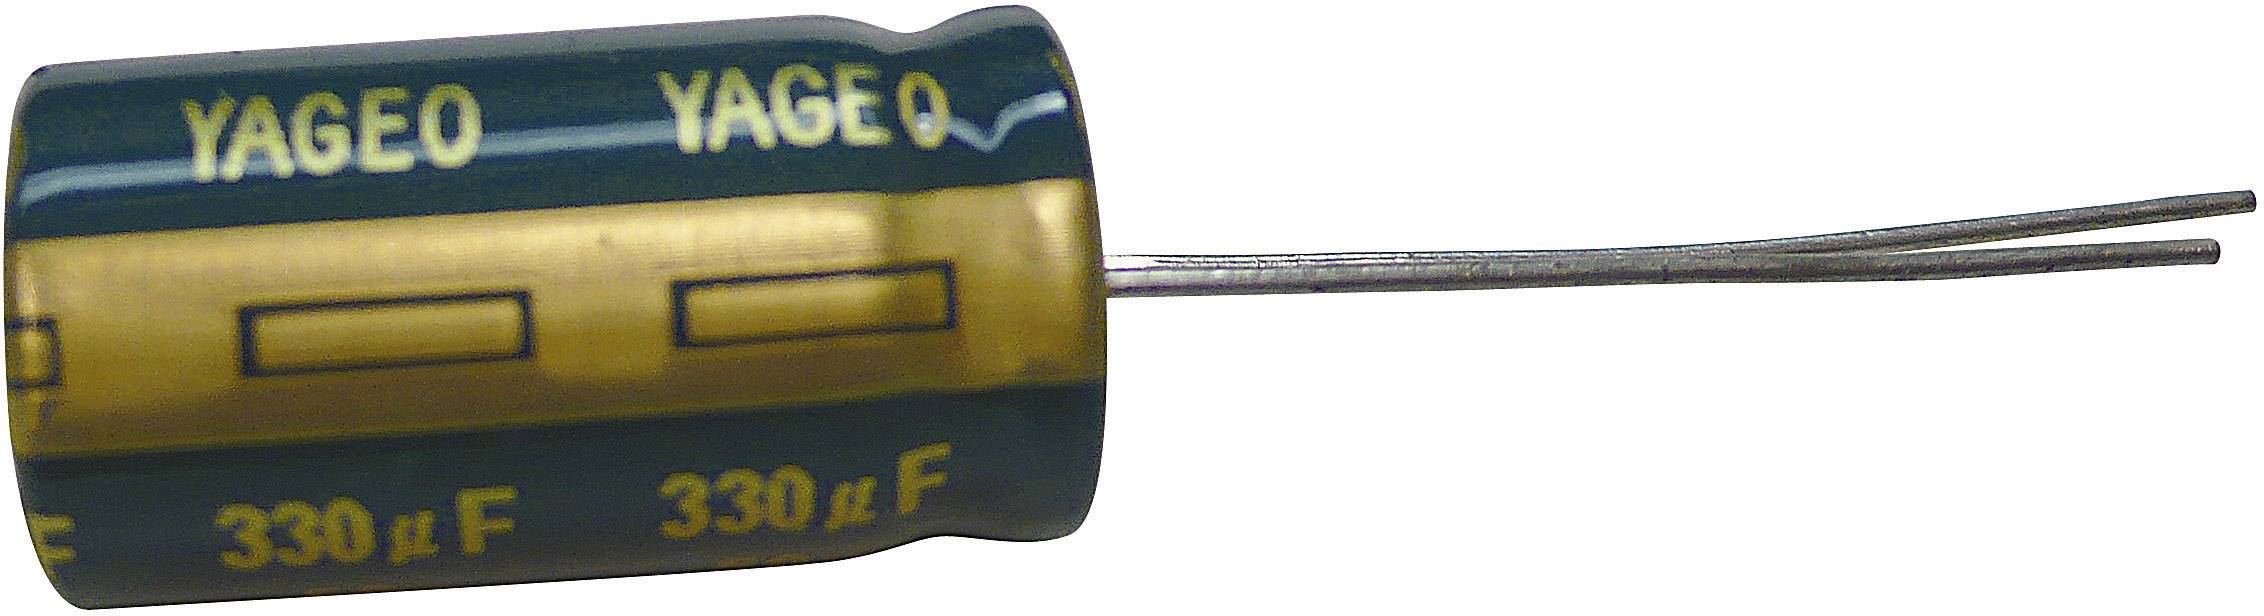 Kondenzátor elektrolytický Yageo SY035M3300B7F-1836, 3300 µF, 35 V, 20 %, 36 x 18 mm